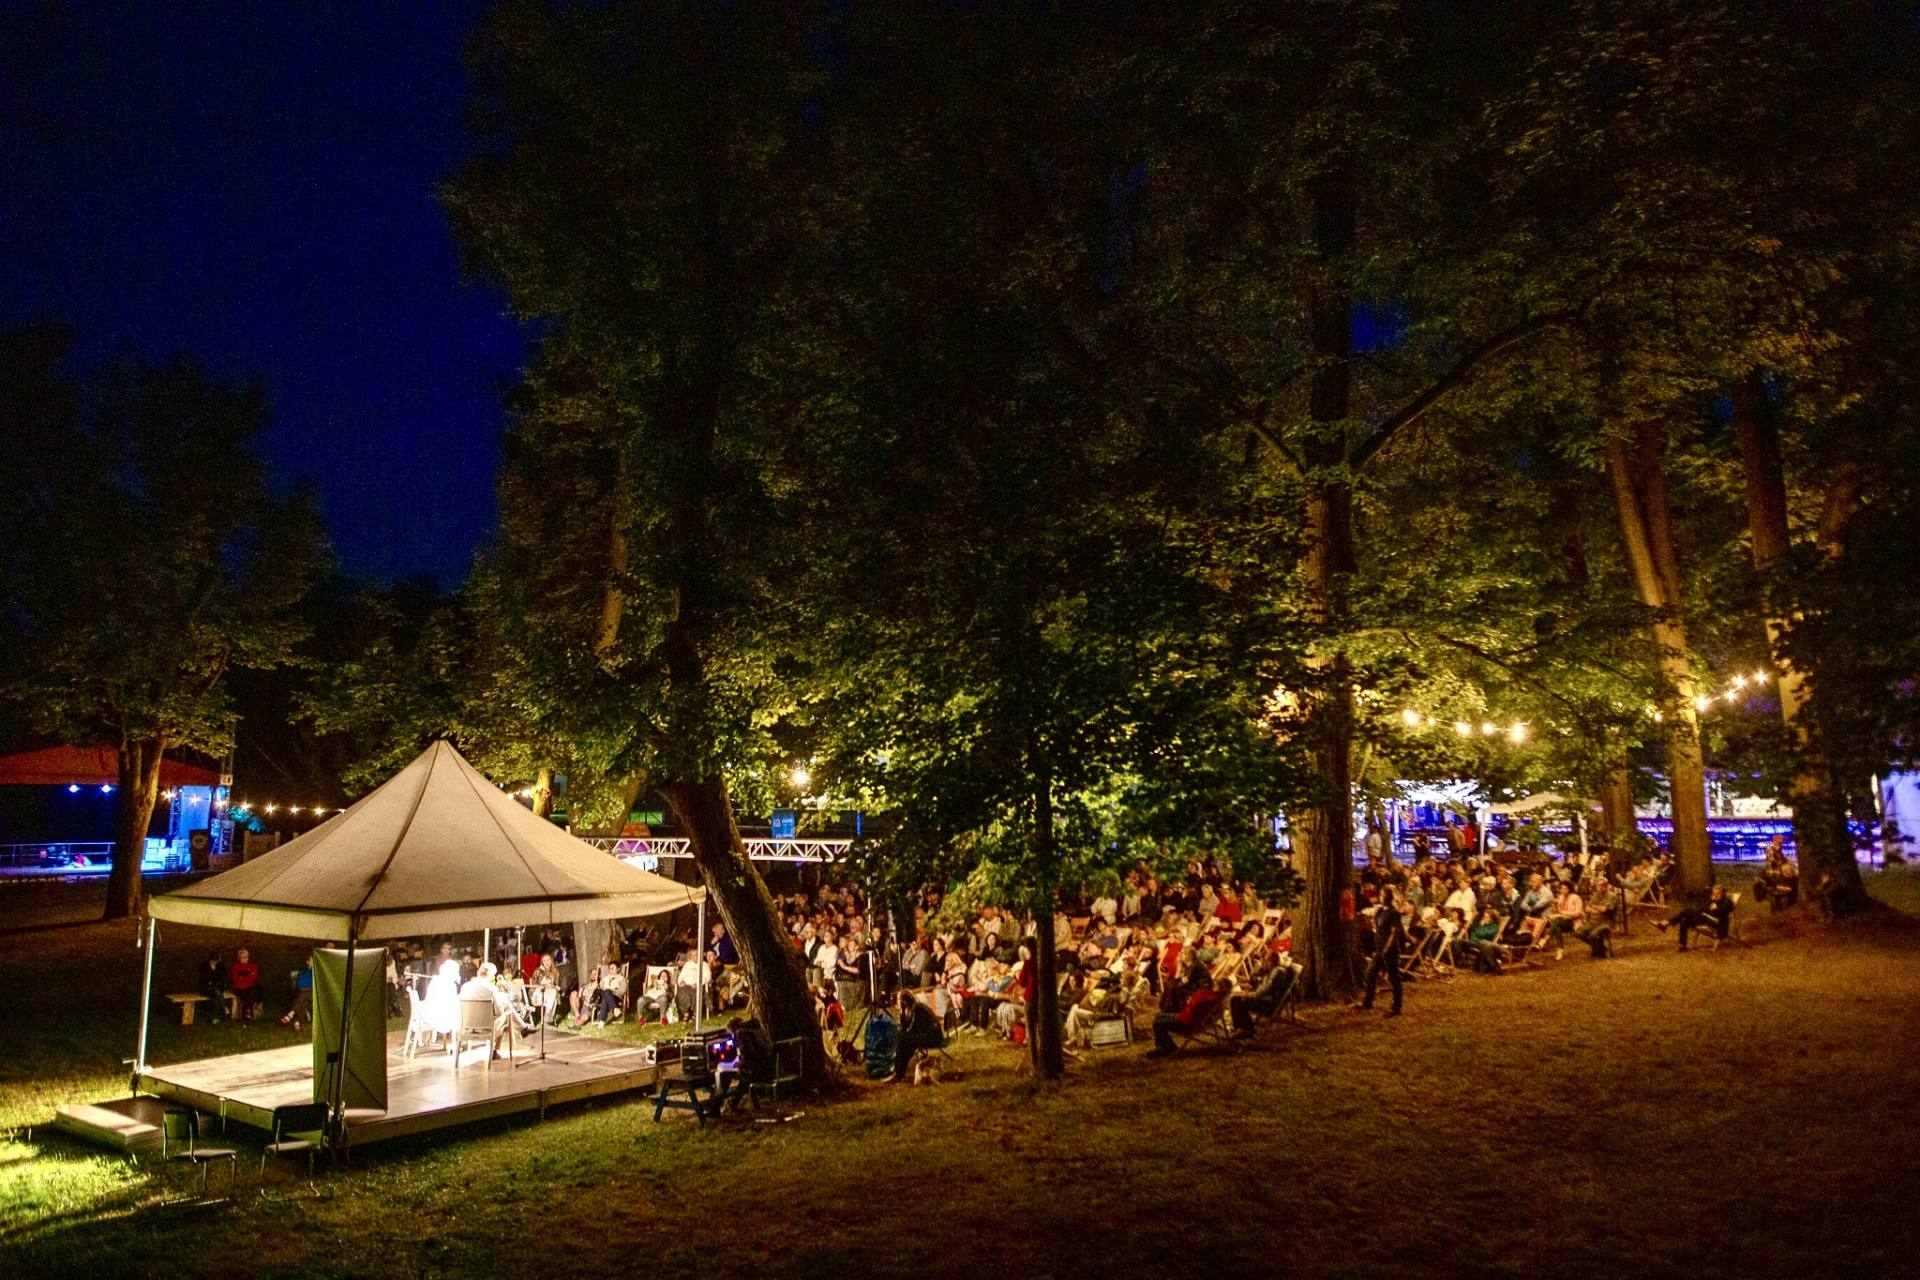 festiwal 2019 fot rafal siderski Festiwal Stolica Języka Polskiego po raz 6. zagości w Zamościu i Szczebrzeszynie. ZNAMY PROGRAM